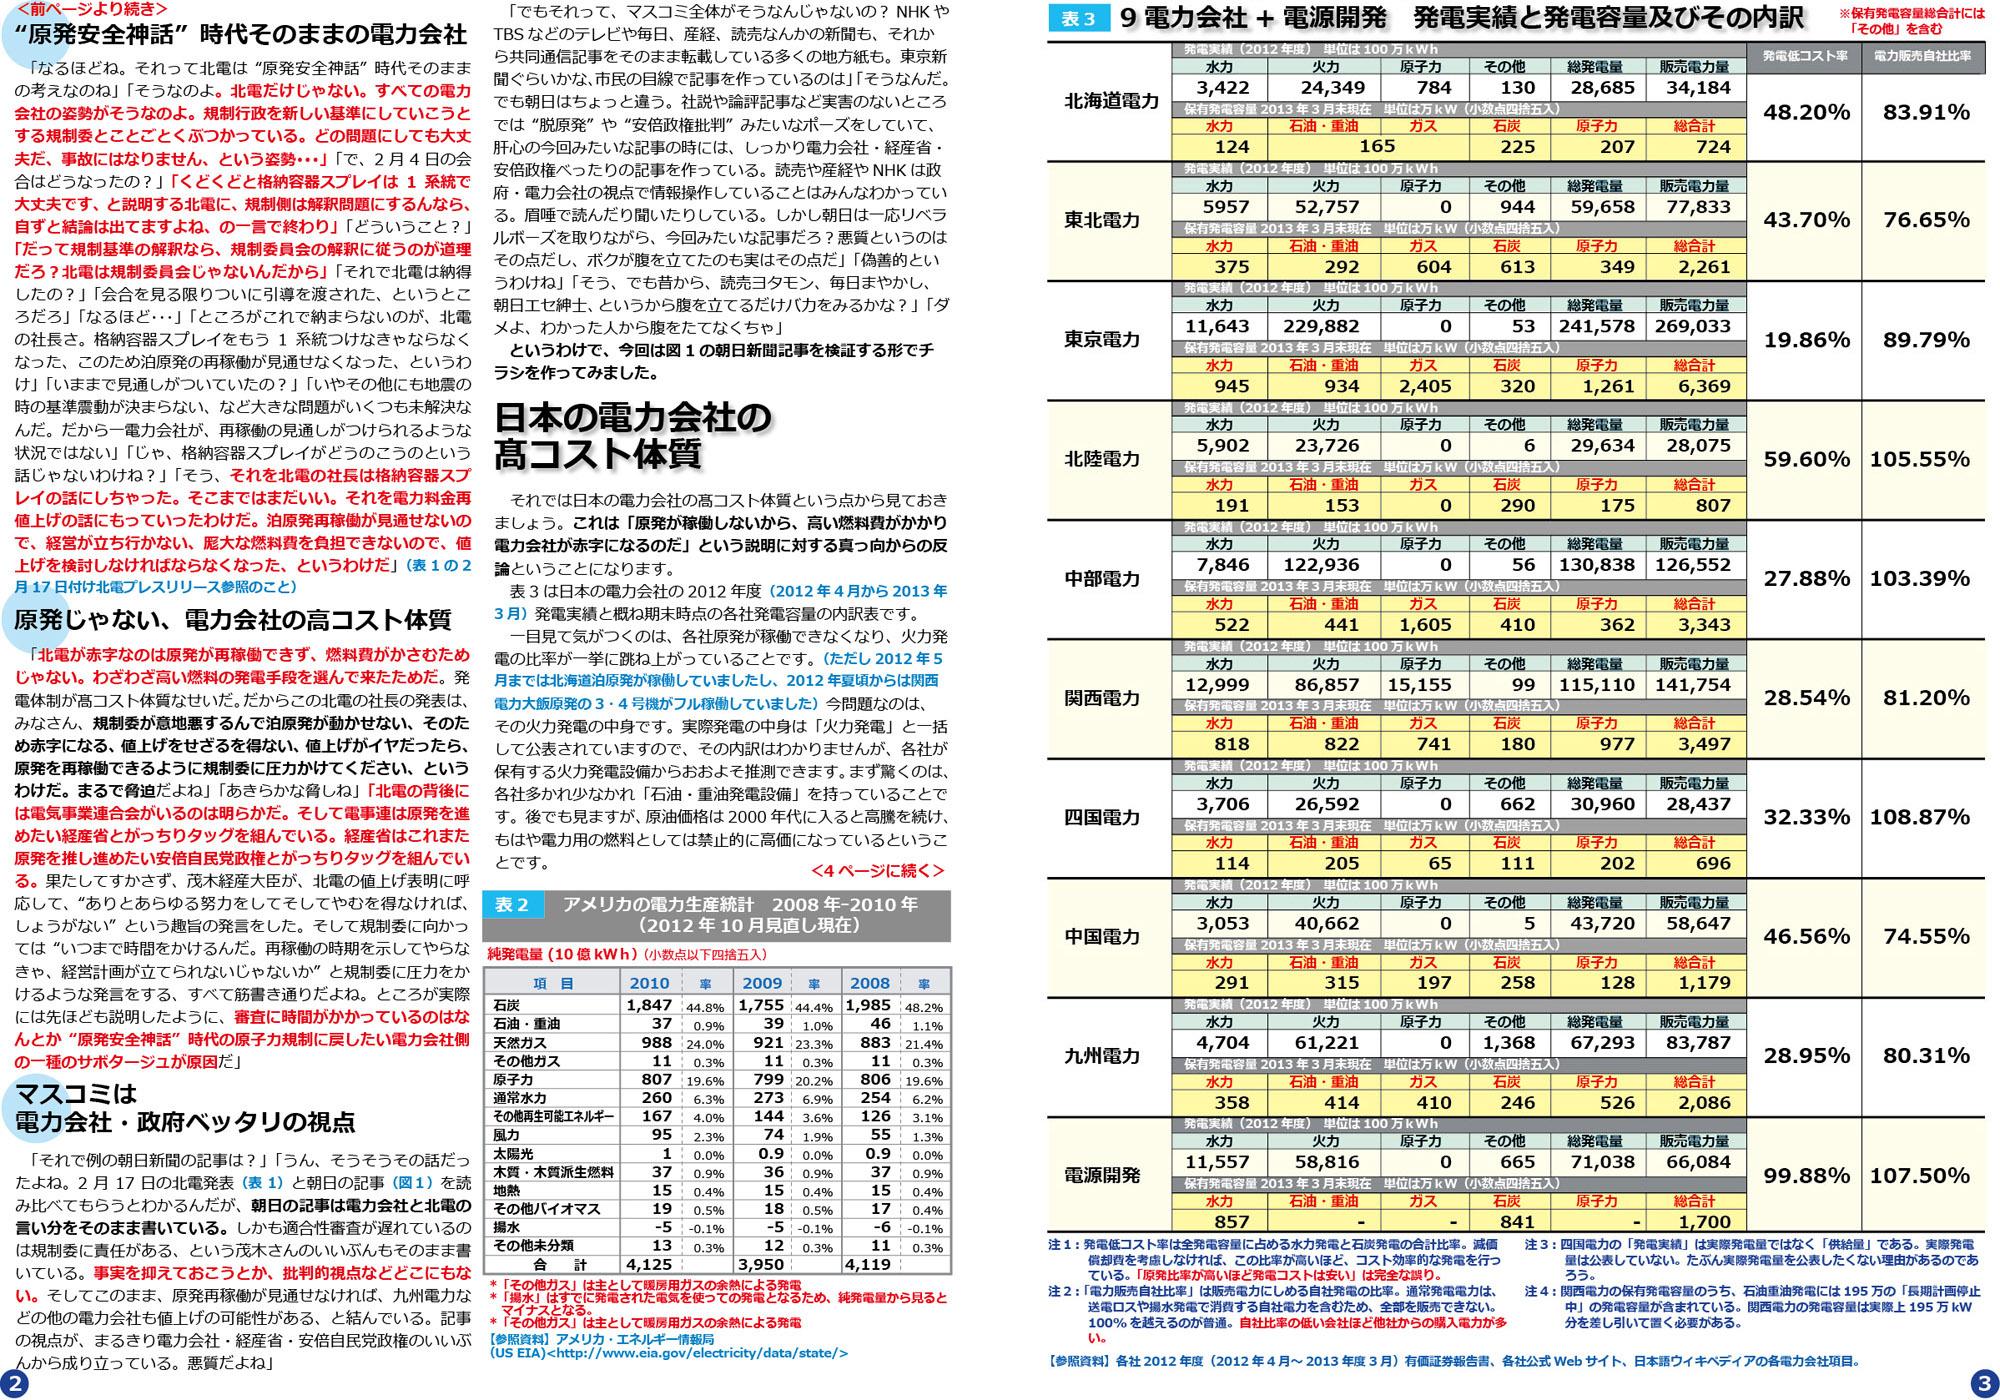 ファイル 266-2.jpg